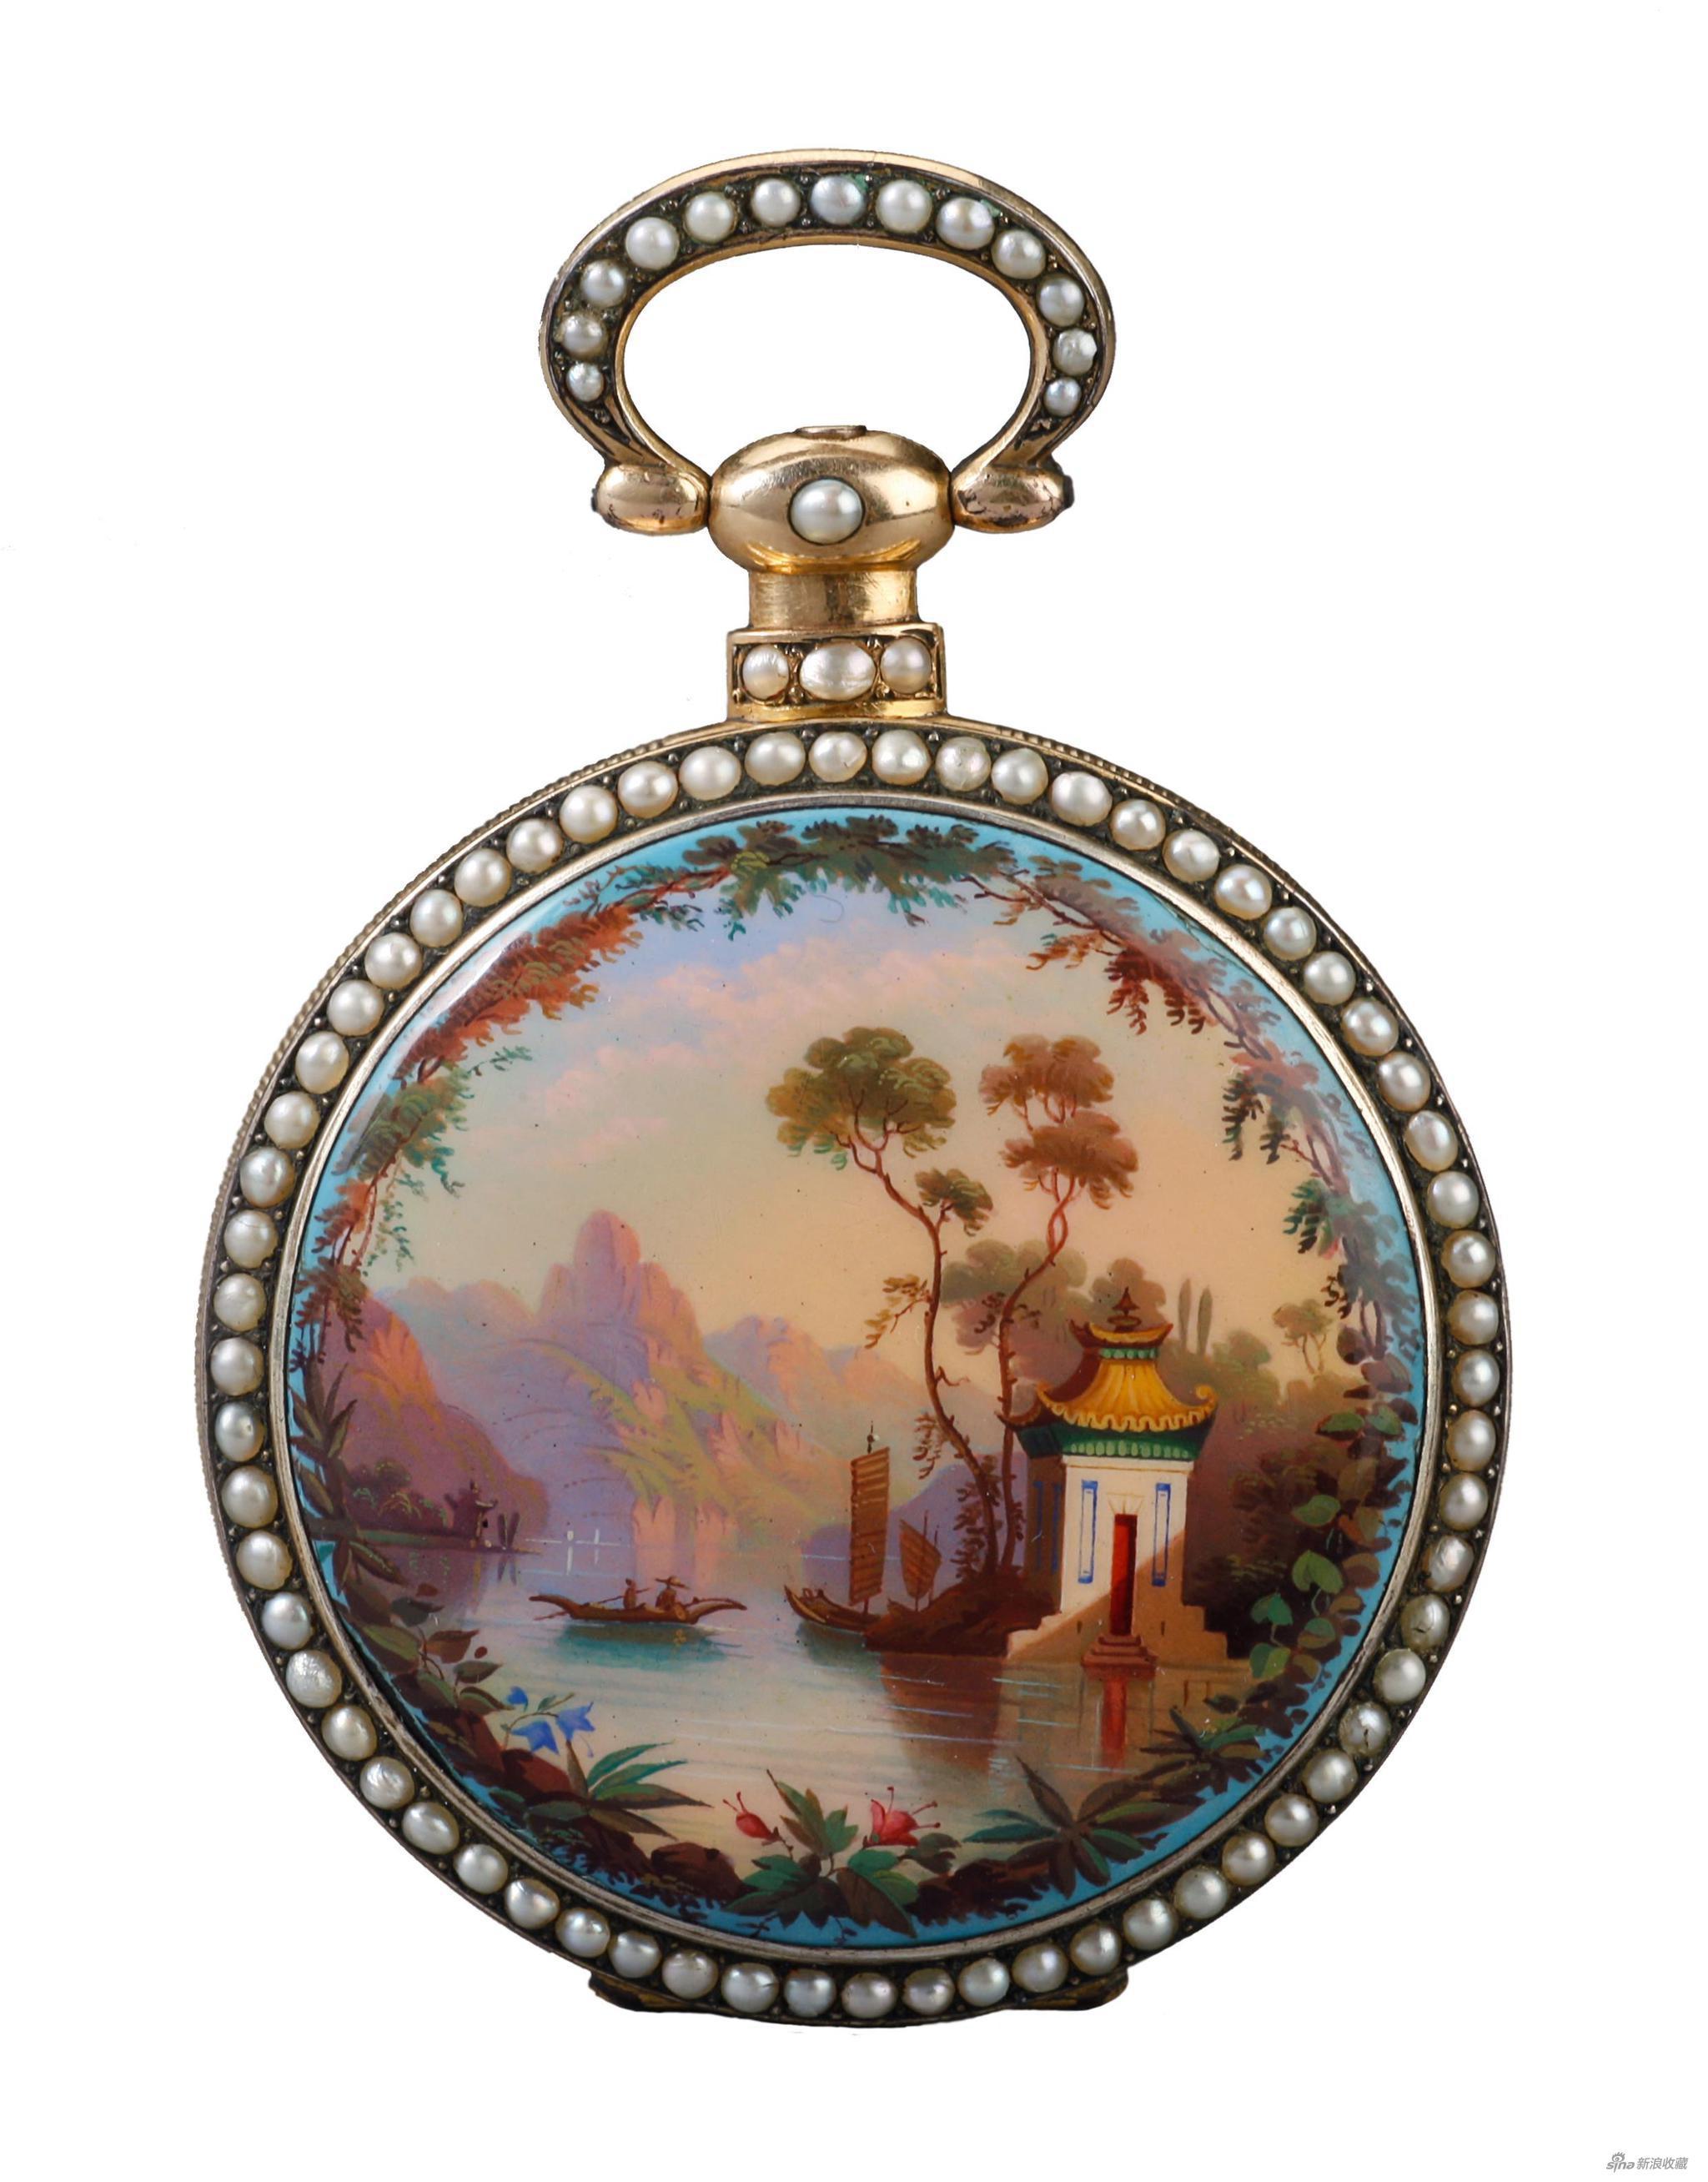 《大八件怀表》,特别项目《时间的轨迹—钟表艺术特展》,来自时计堂